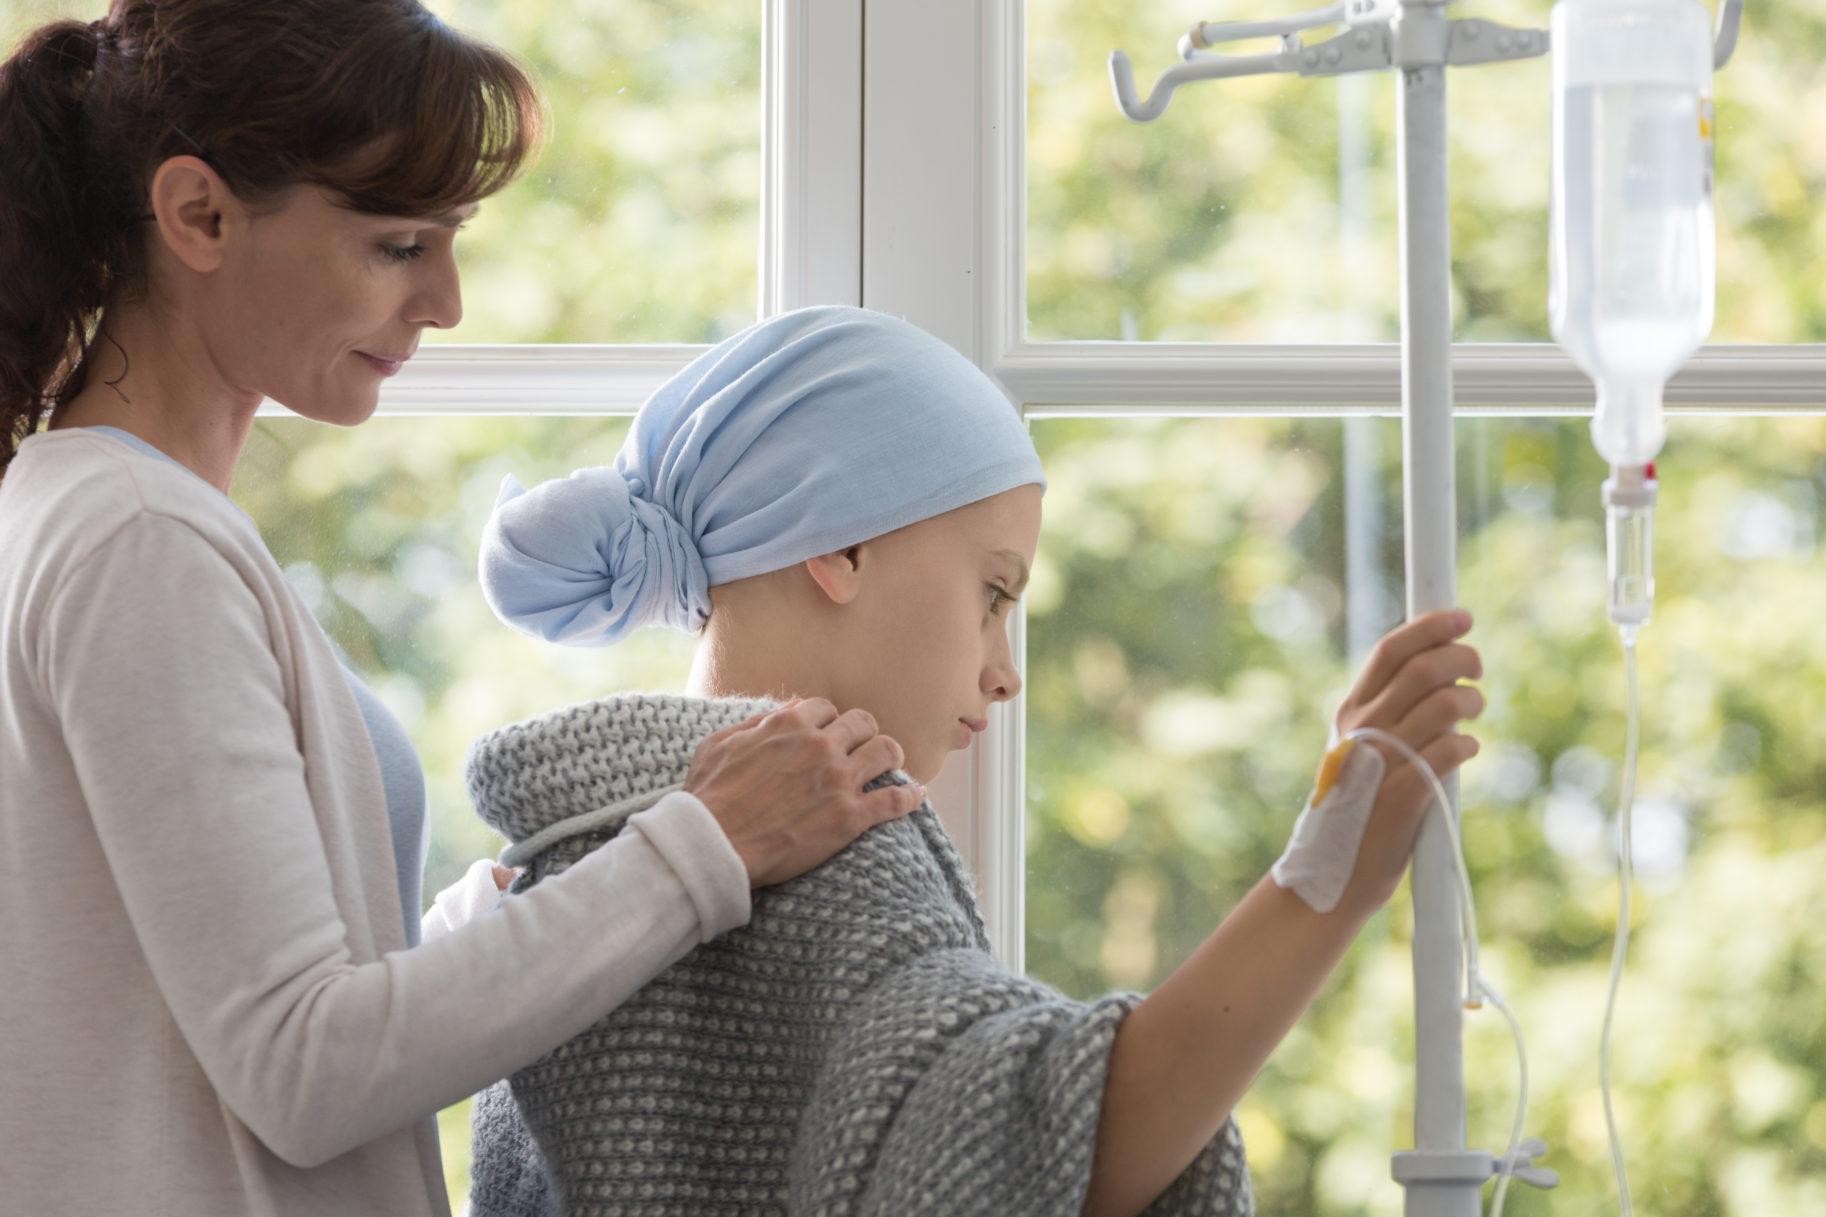 Brak apetytu u dziecka przy chemioterapii